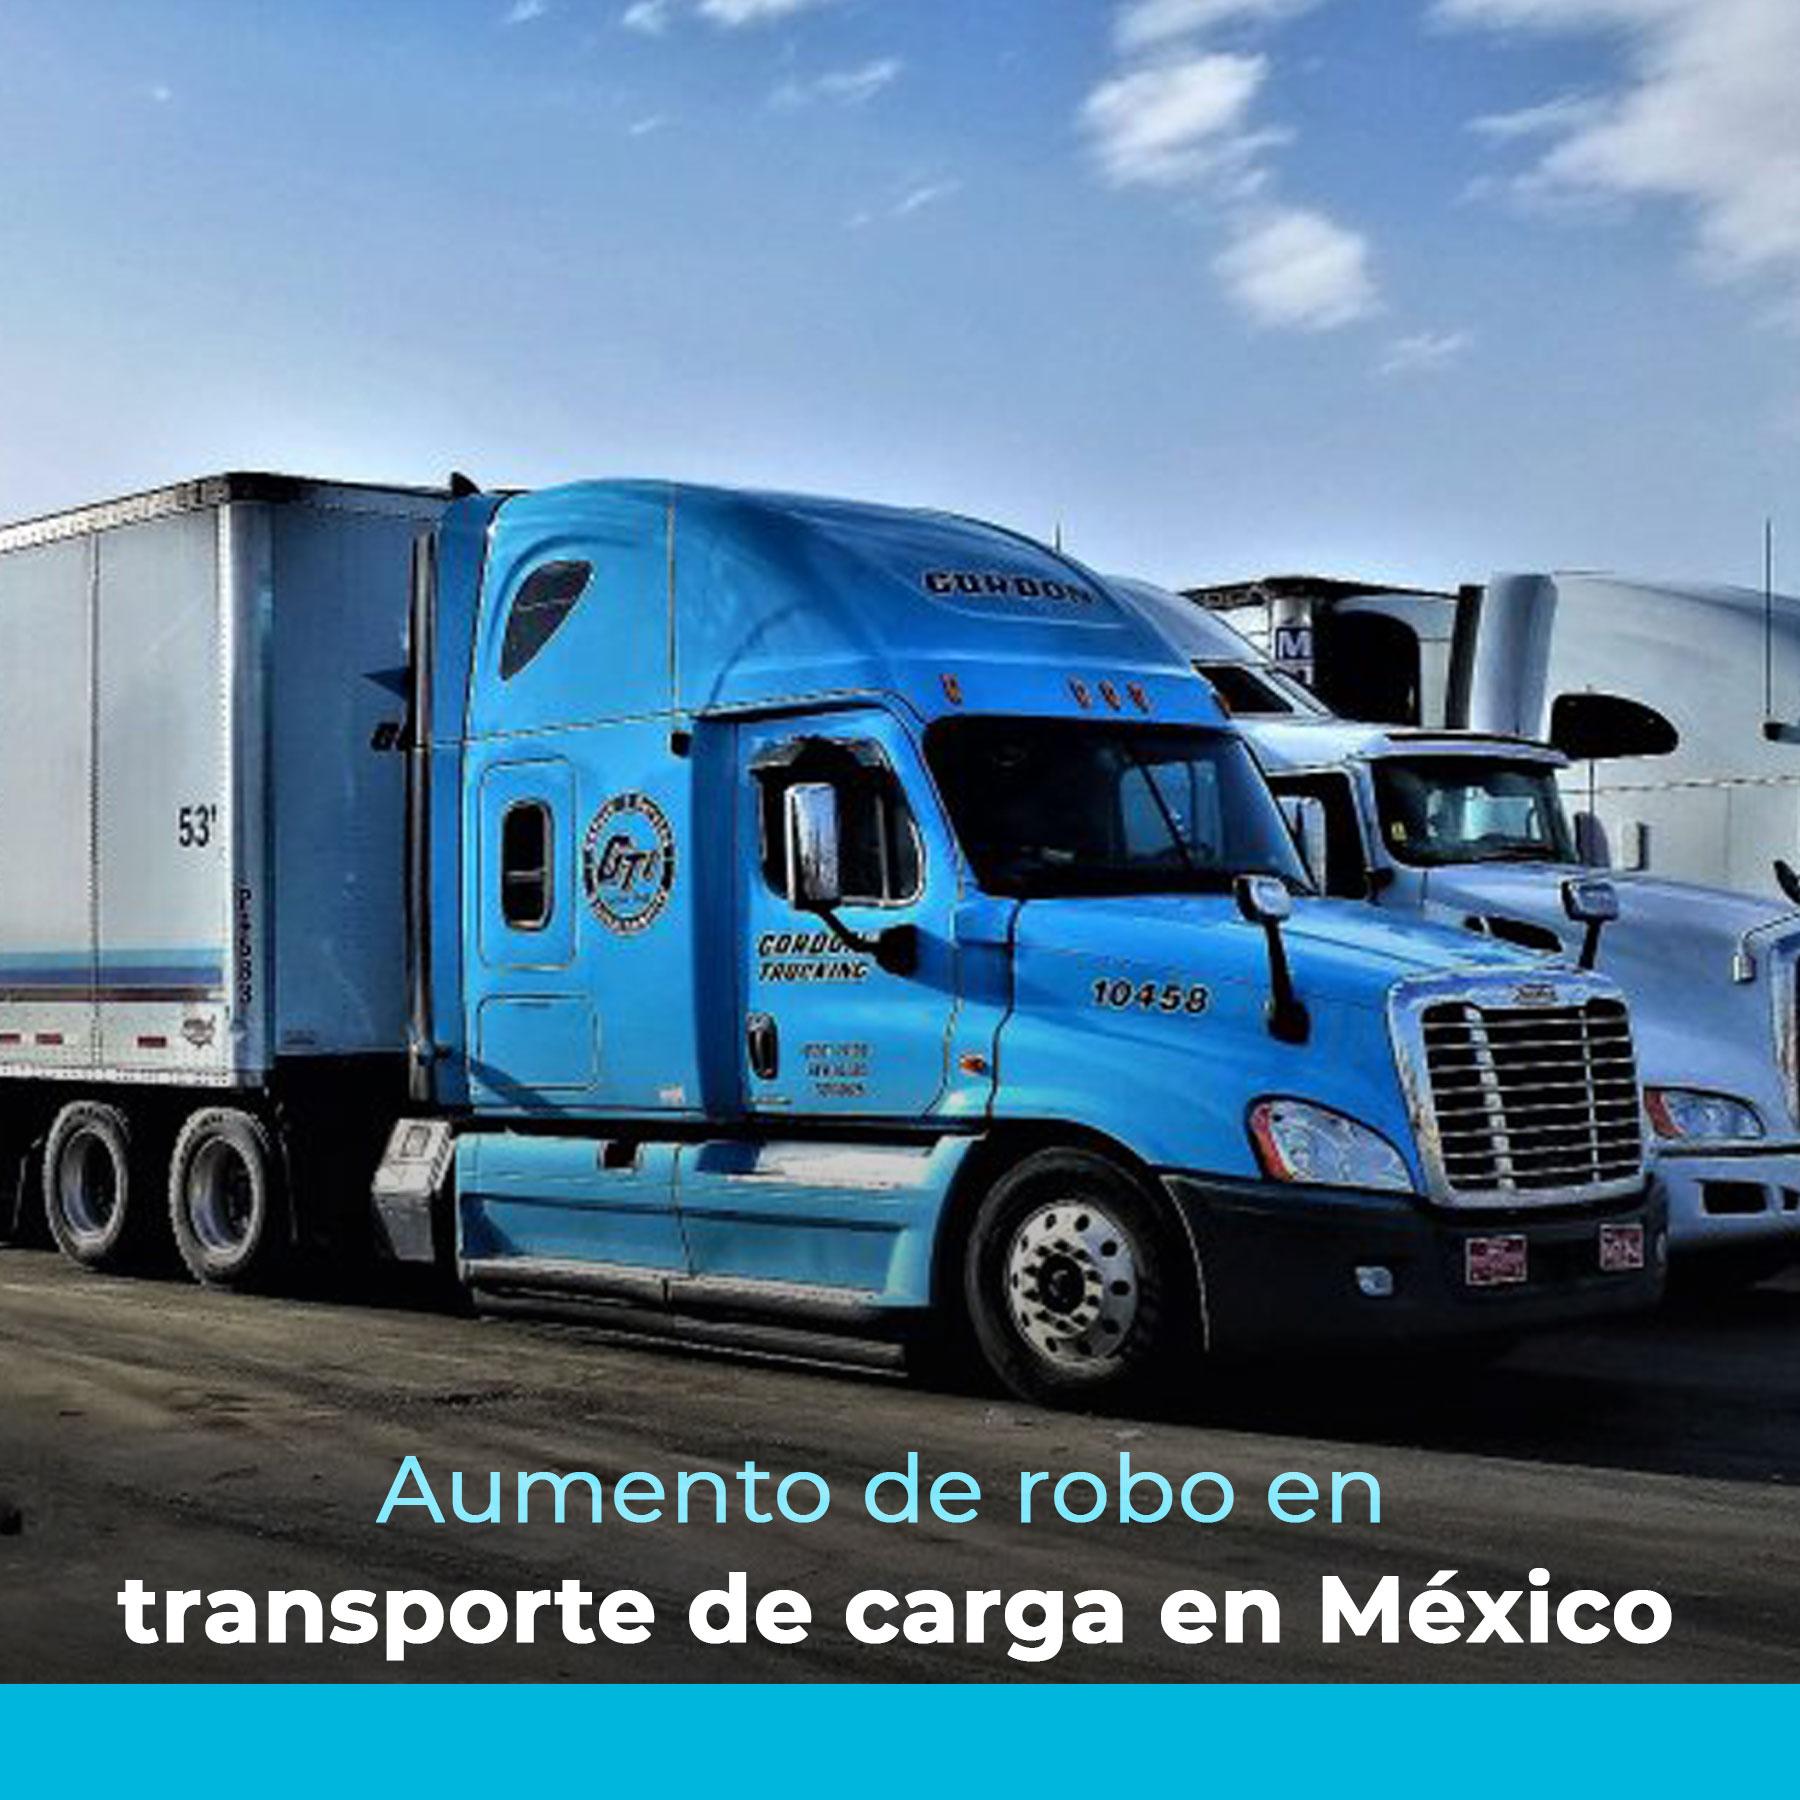 Aumento de robo en transporte de carga en México